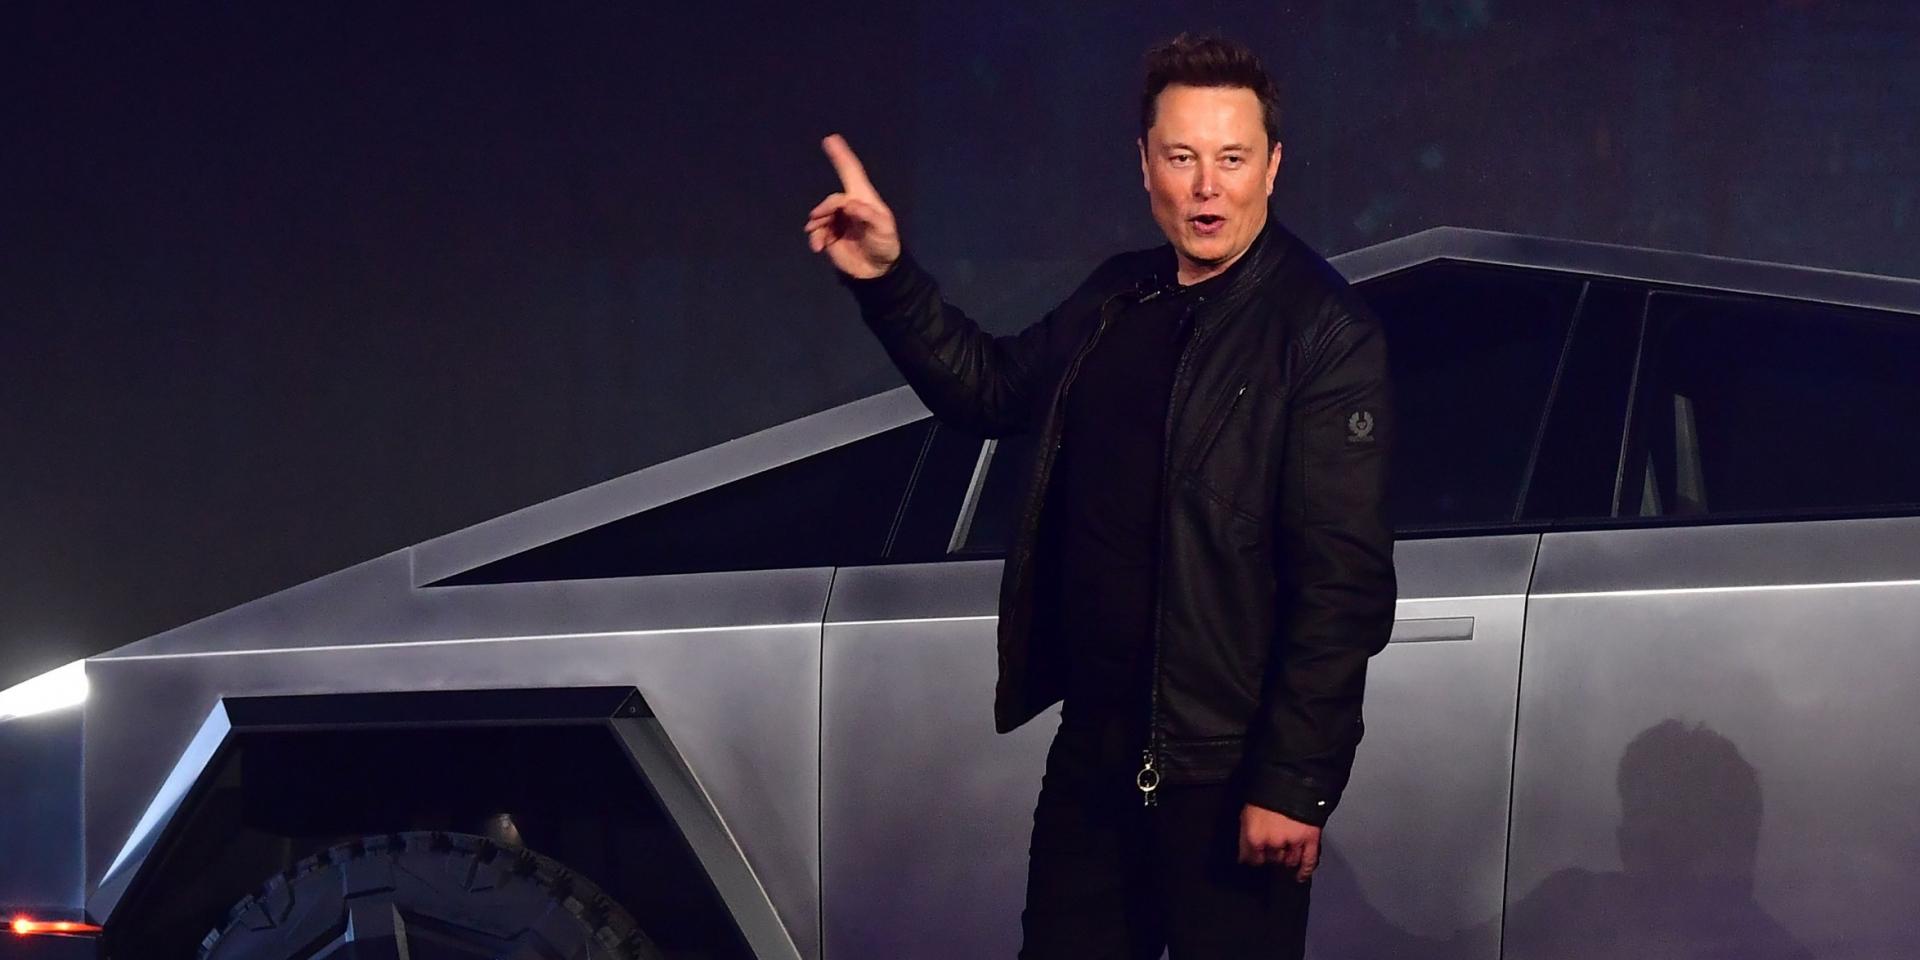 Tesla股價狂飆!執行長Elon Musk身價超越馬雲!